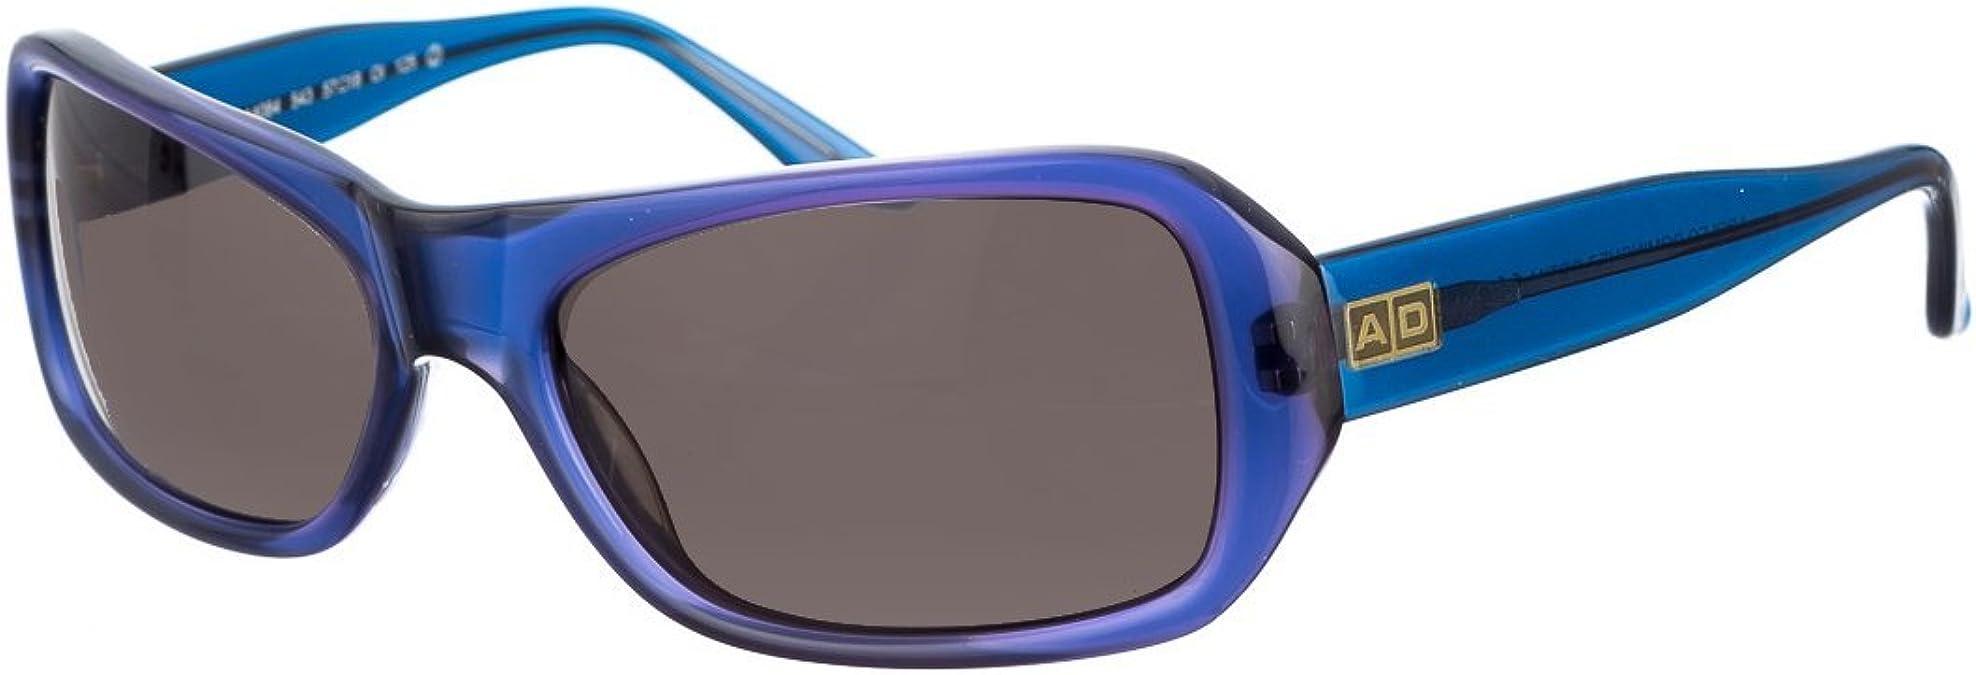 Adolfo Dominguez Gafas de Sol AD14084-543 (57 mm) Azul: Amazon.es: Zapatos y complementos